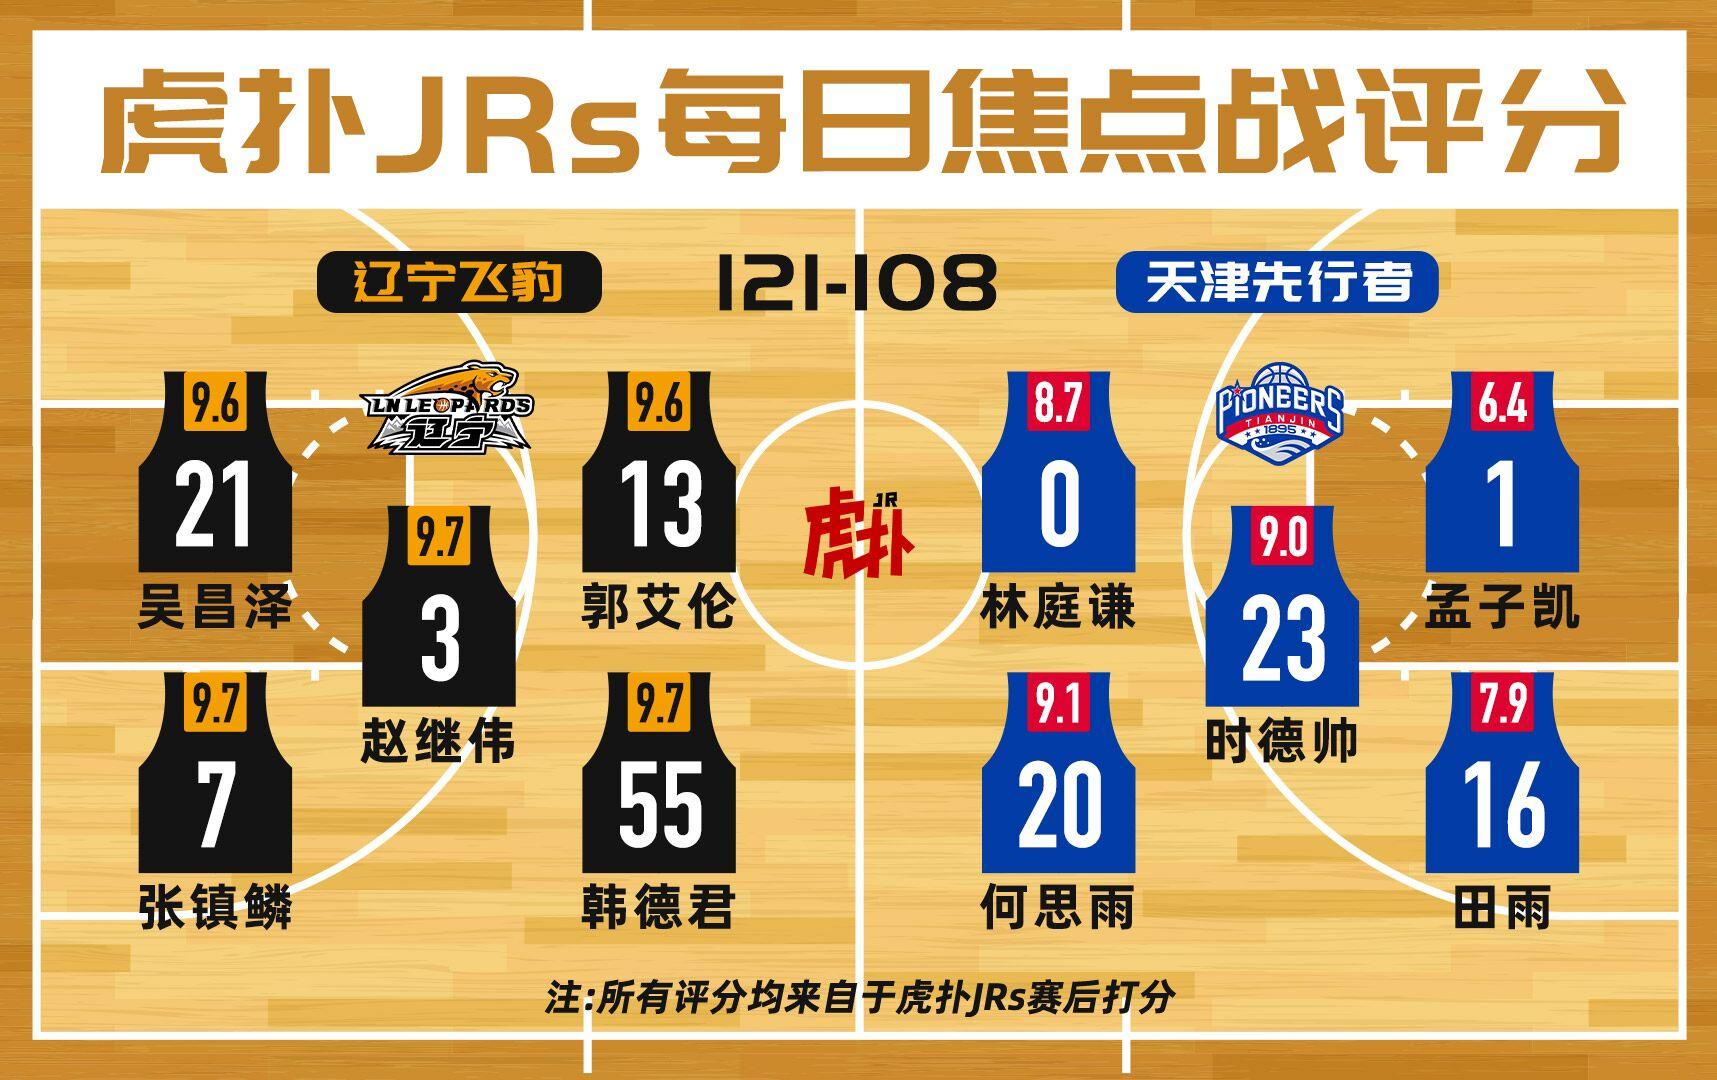 虎扑JRs焦点战评分,辽宁全队高分,林庭谦首秀获评8.7分